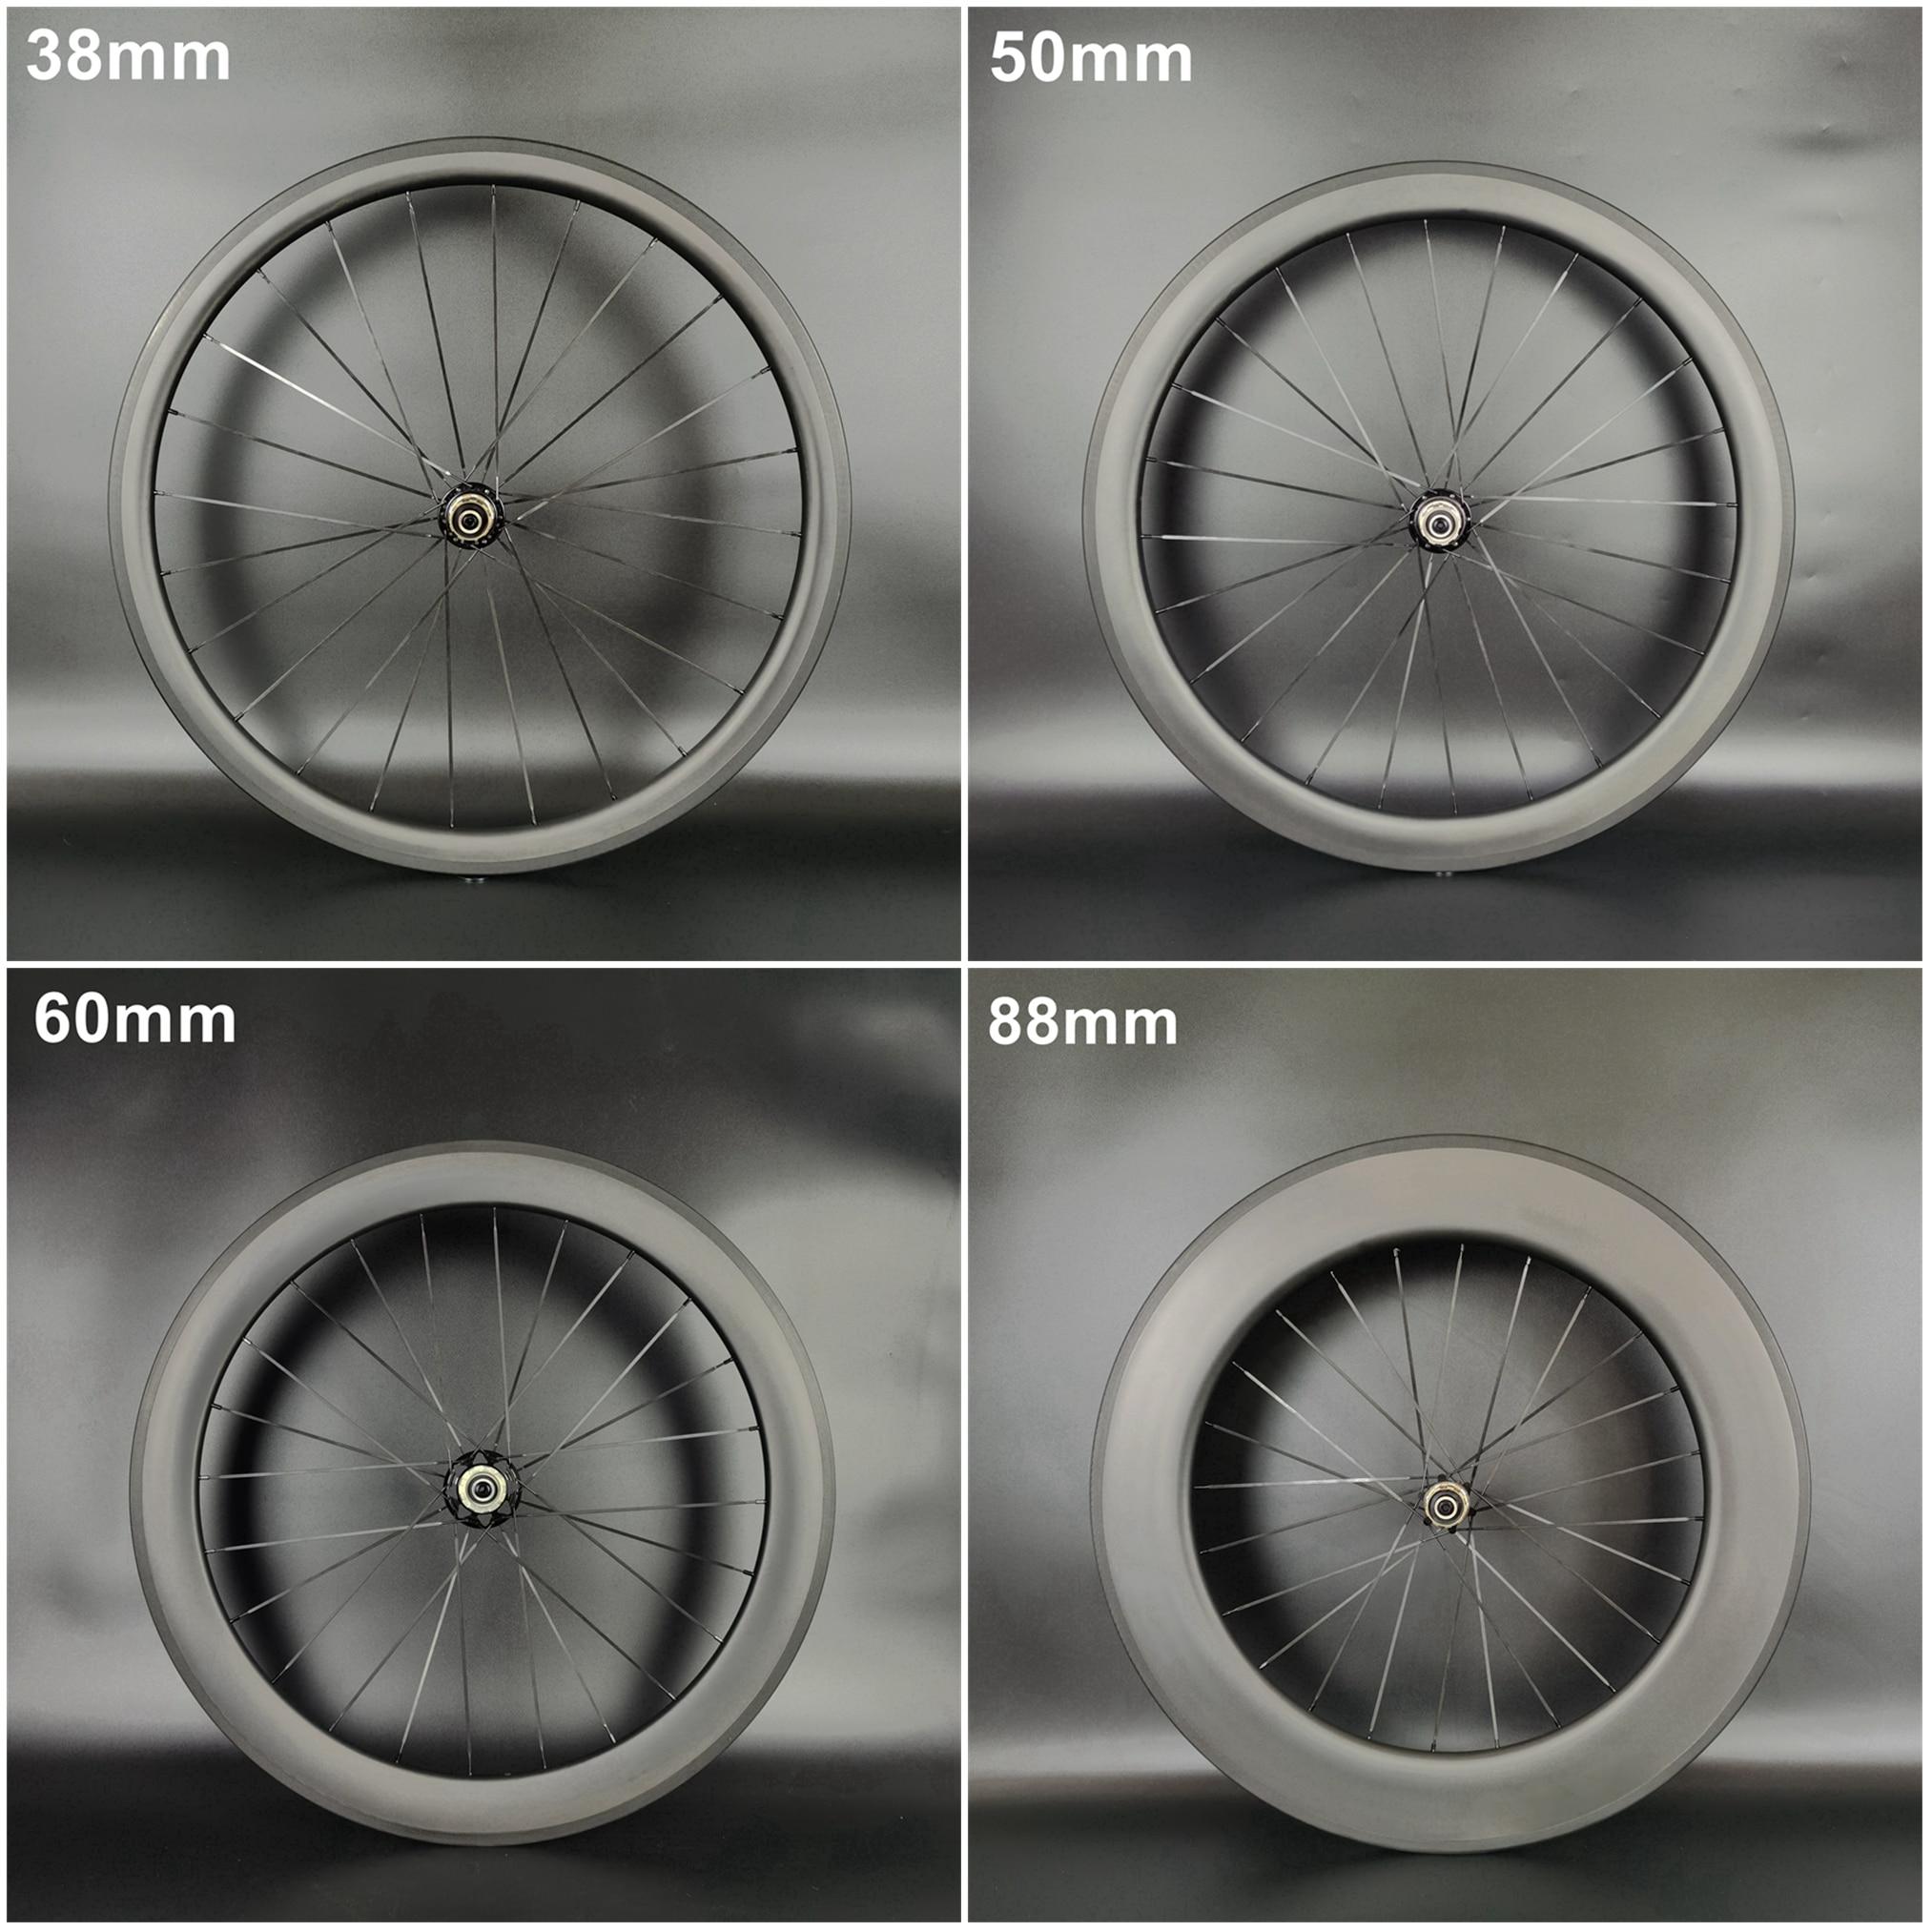 العجلات الخلفية 700C الكربون 38/50/60/88 مللي متر عمق 23/25 مللي متر عرض الفاصلة/لايحتاج/أنبوبي الطريق دراجة الكربون العجلات الخلفية مع UD ماتي